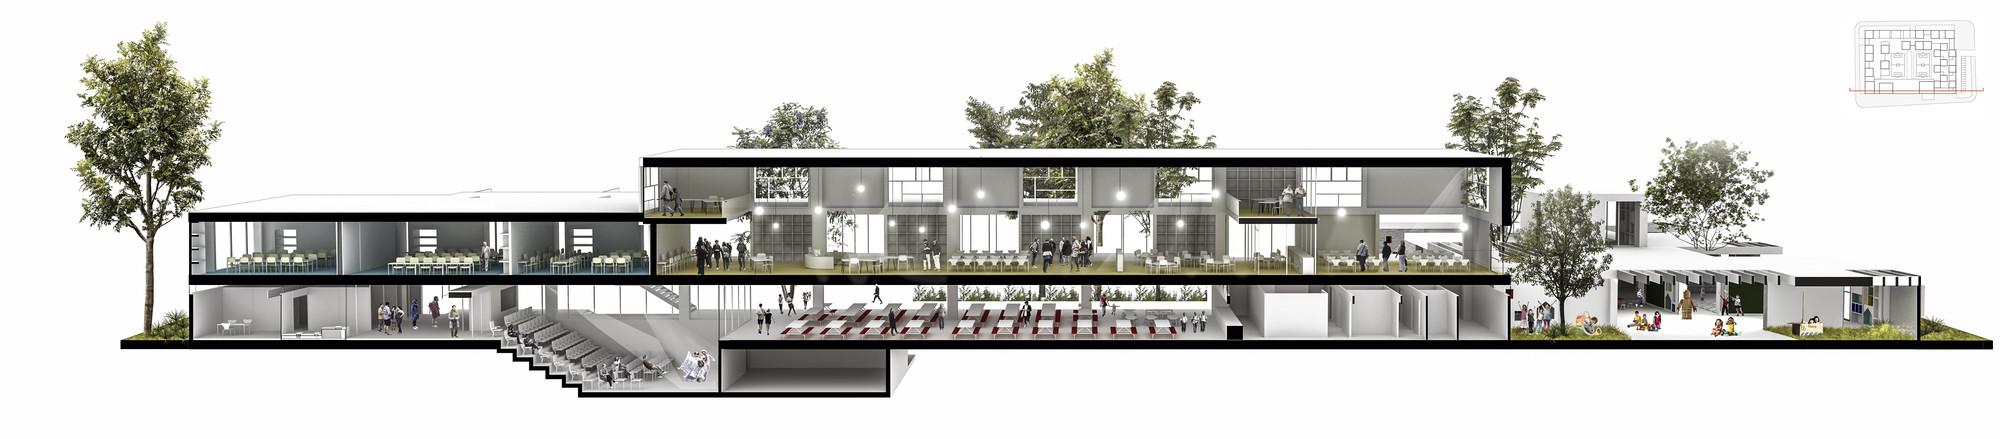 Galer a de fp arquitectura cuarto lugar en concurso for Arquitectura nota de corte